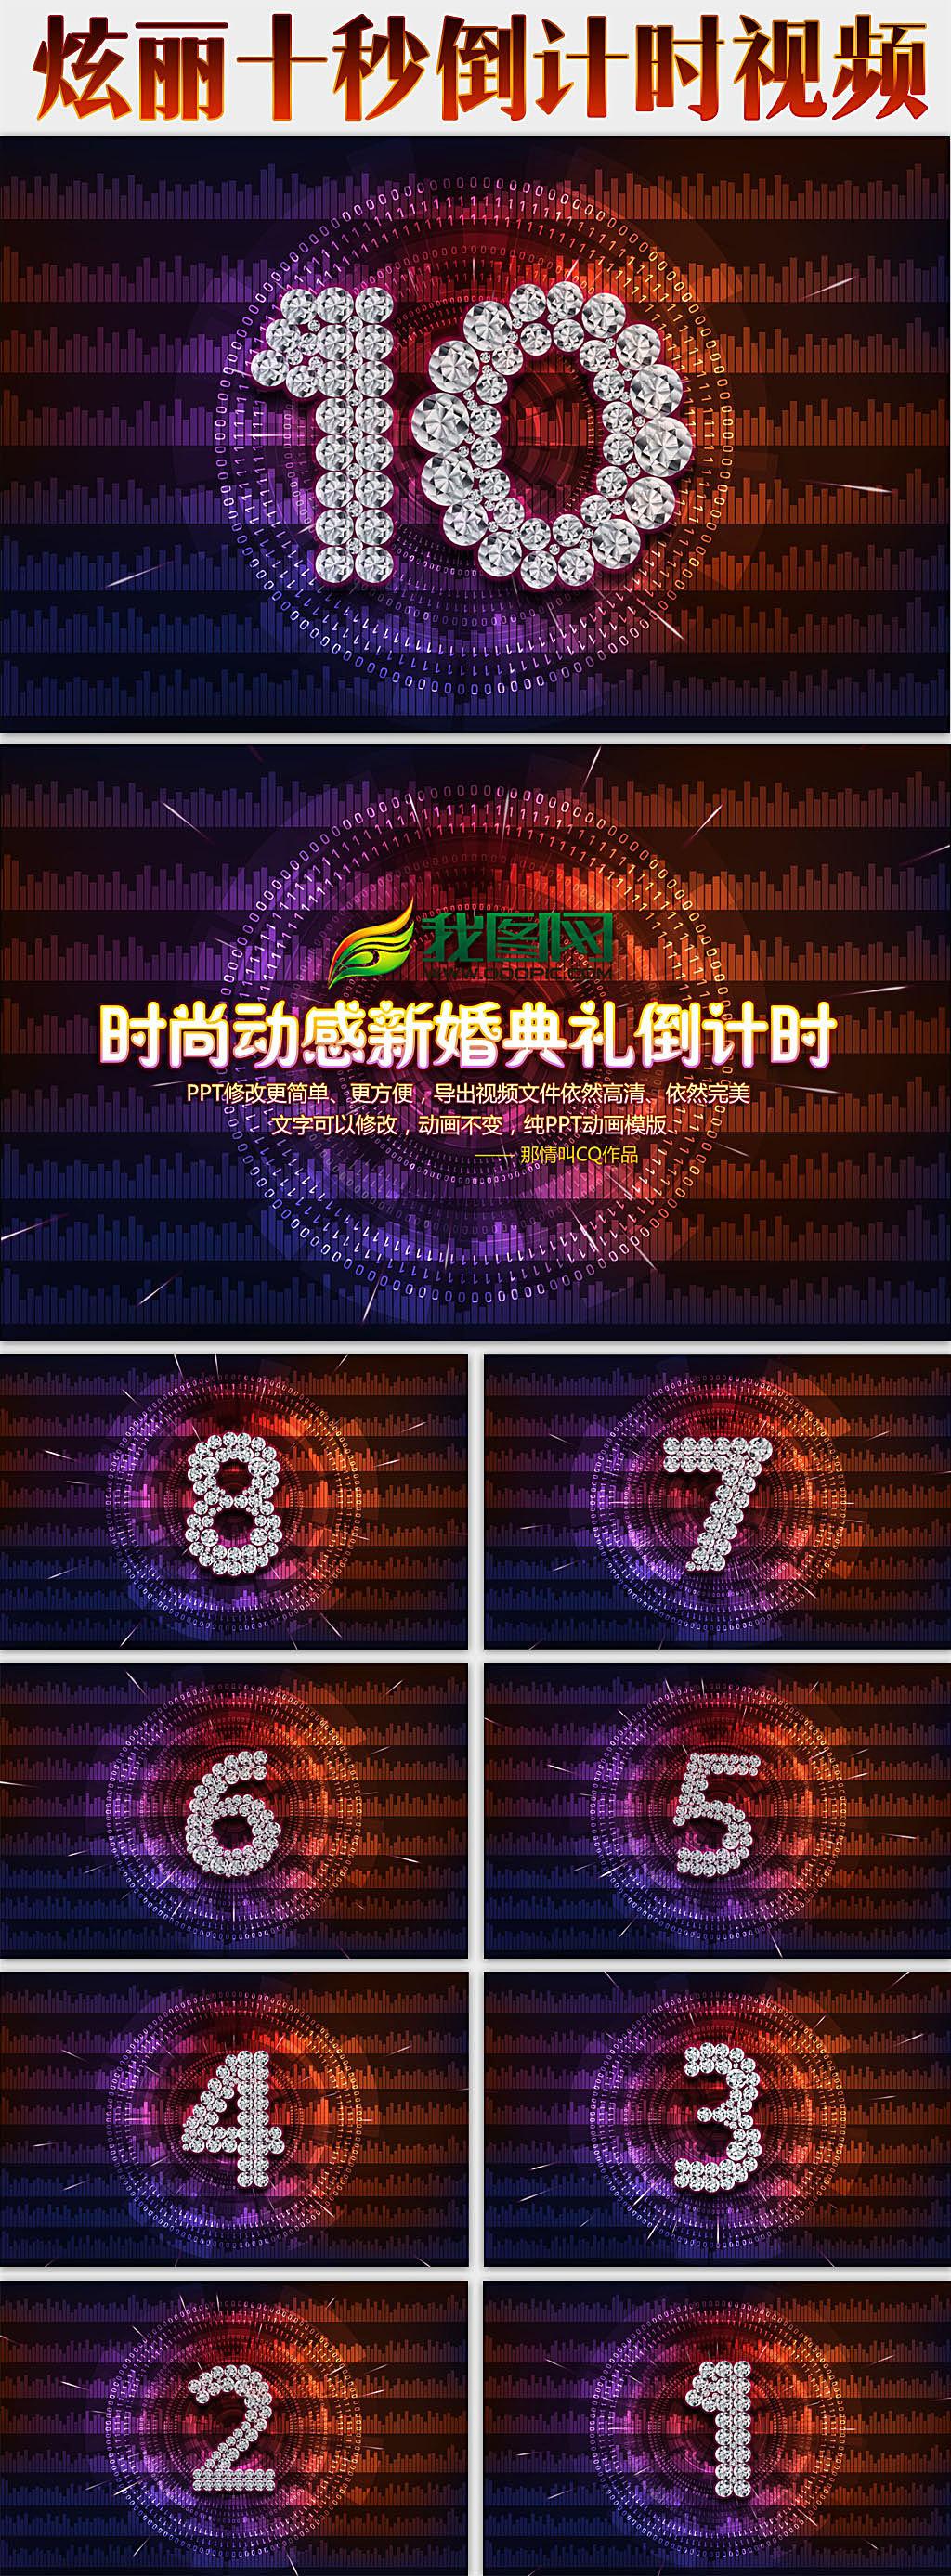 钻石数字十秒倒计时视频动画ppt模版图片模板下载(:)